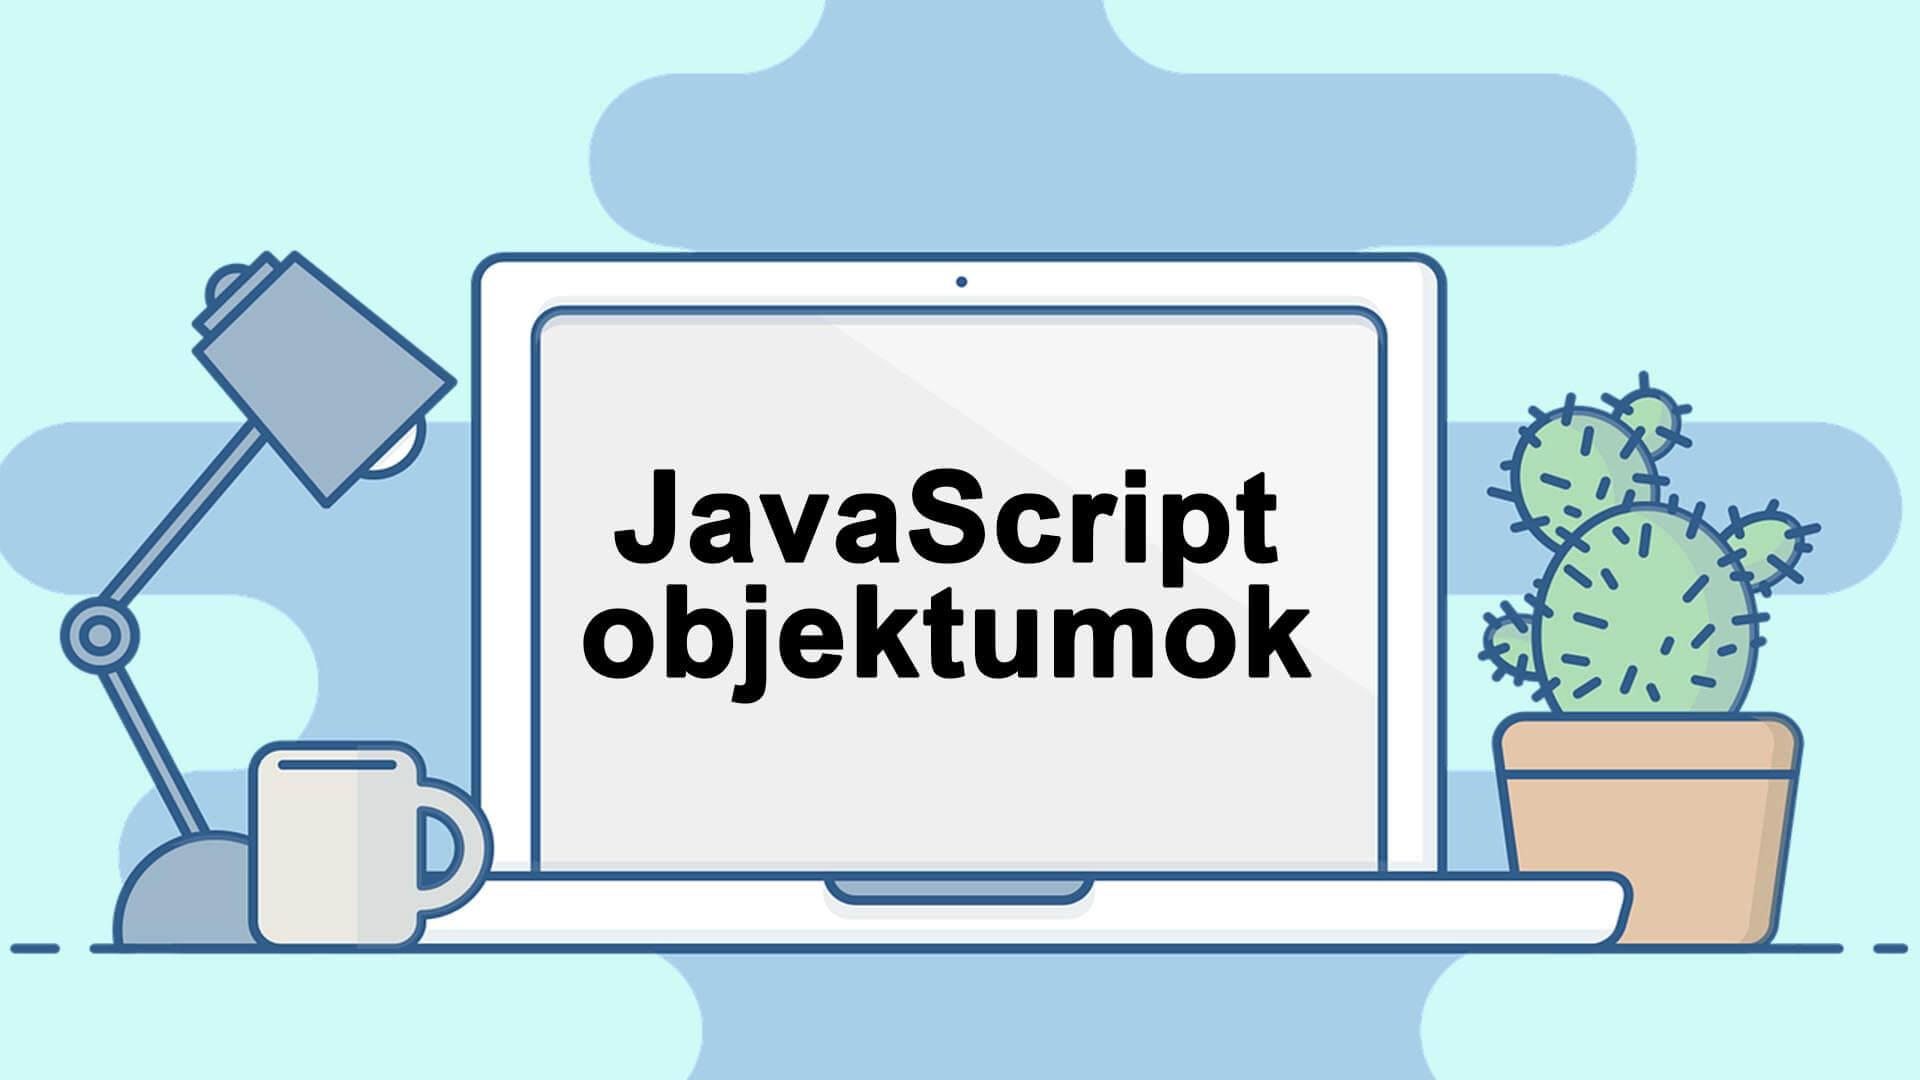 JavaScript objektumok fogalma, létrehozása, használata (Objektum tulajdonságok és metódusok szintaxisa + példa) című cikk borítóképe